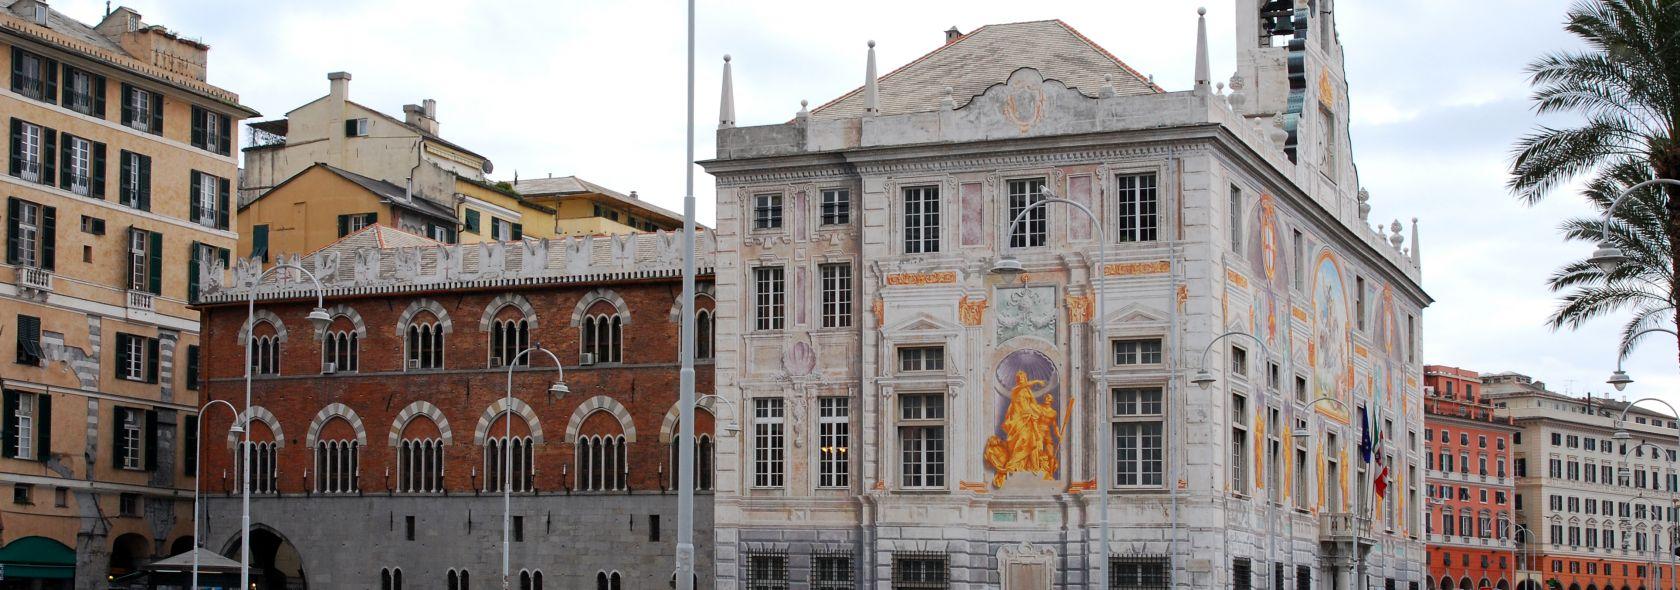 Palazzo S. Giorgio